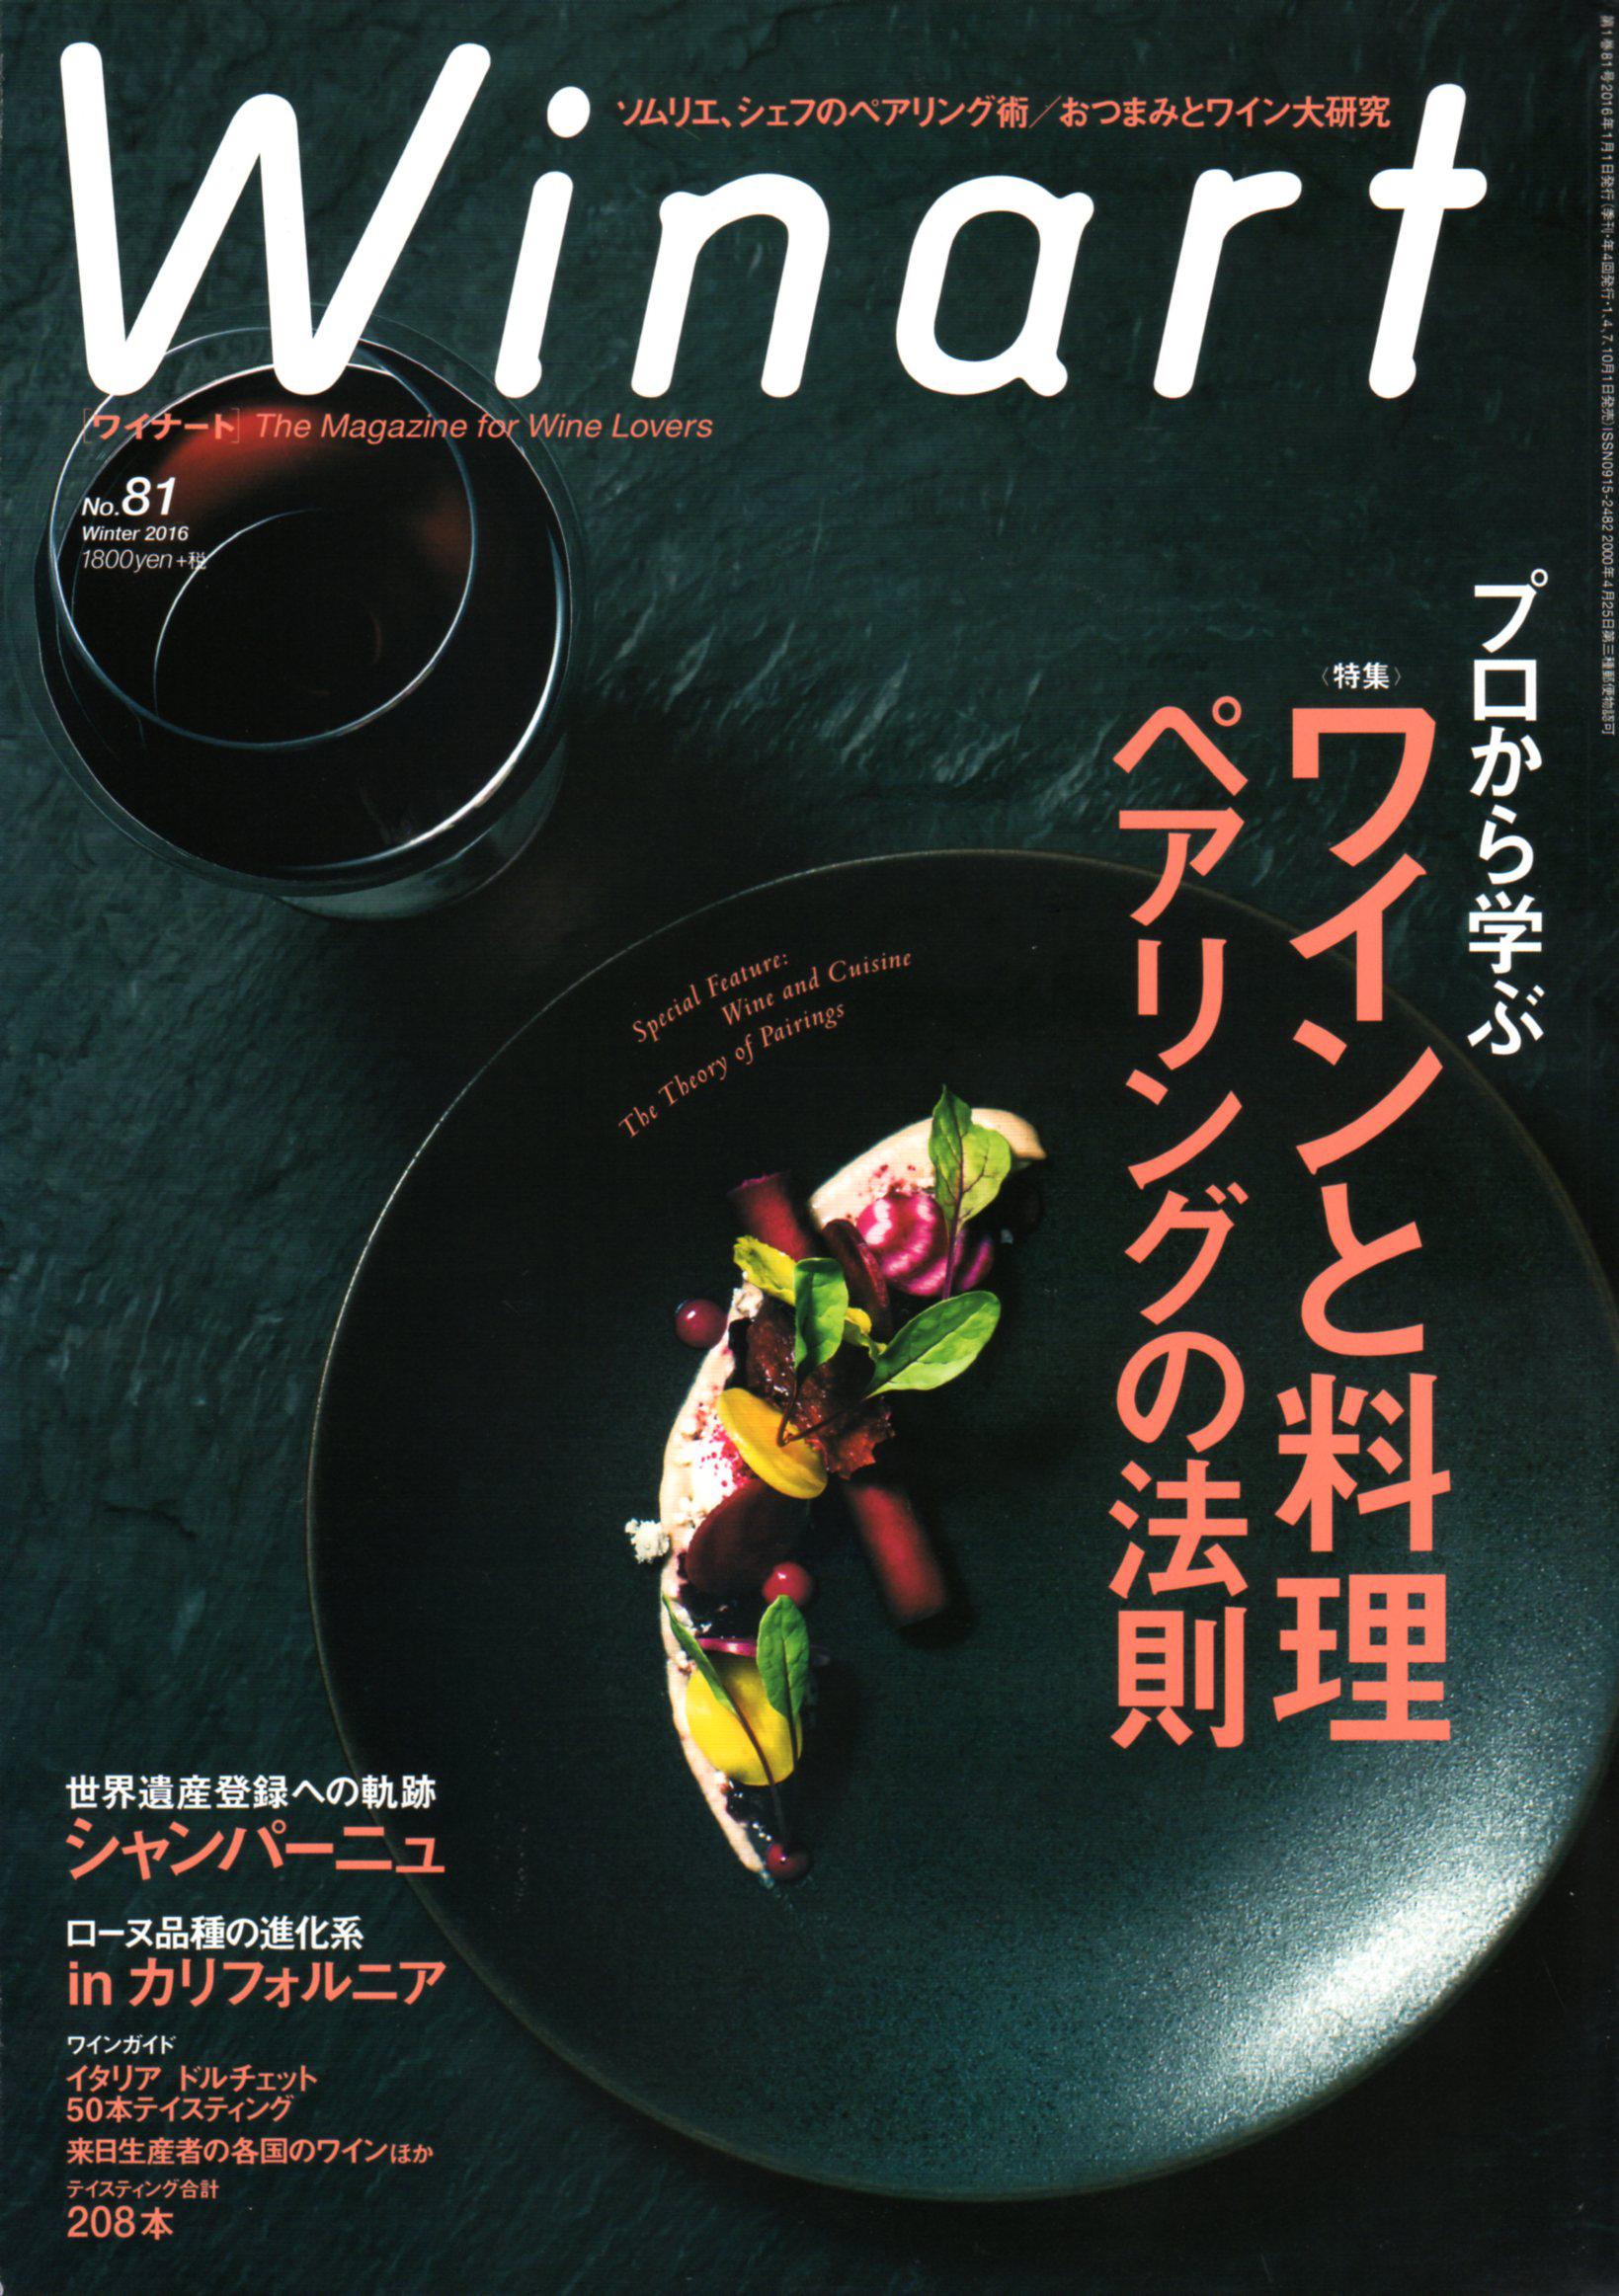 Winart 1